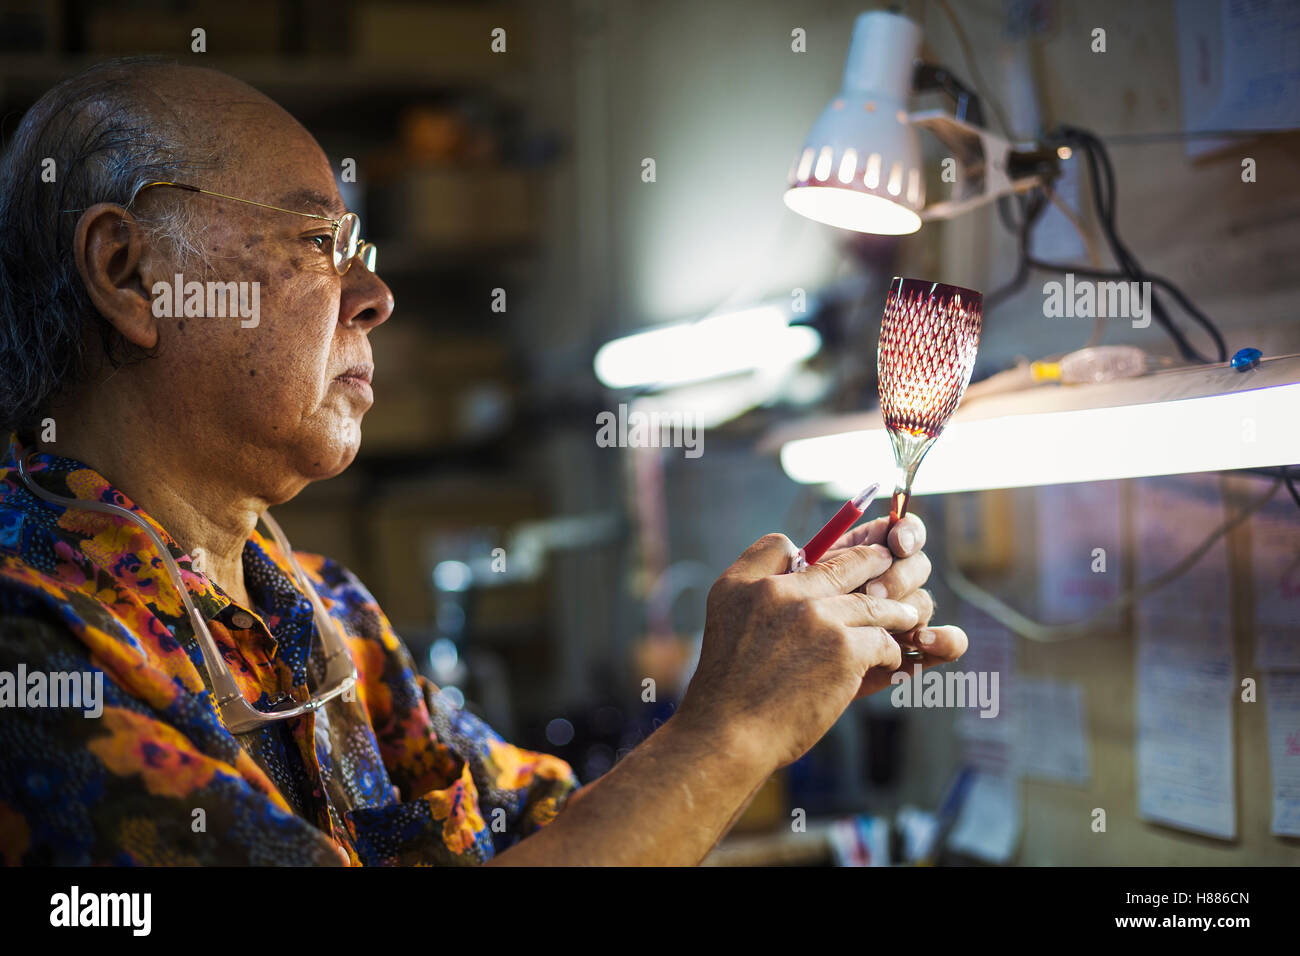 L'atelier verrier studio, l'homme l'inspection de verre à vin rouge avec décoration en verre Photo Stock